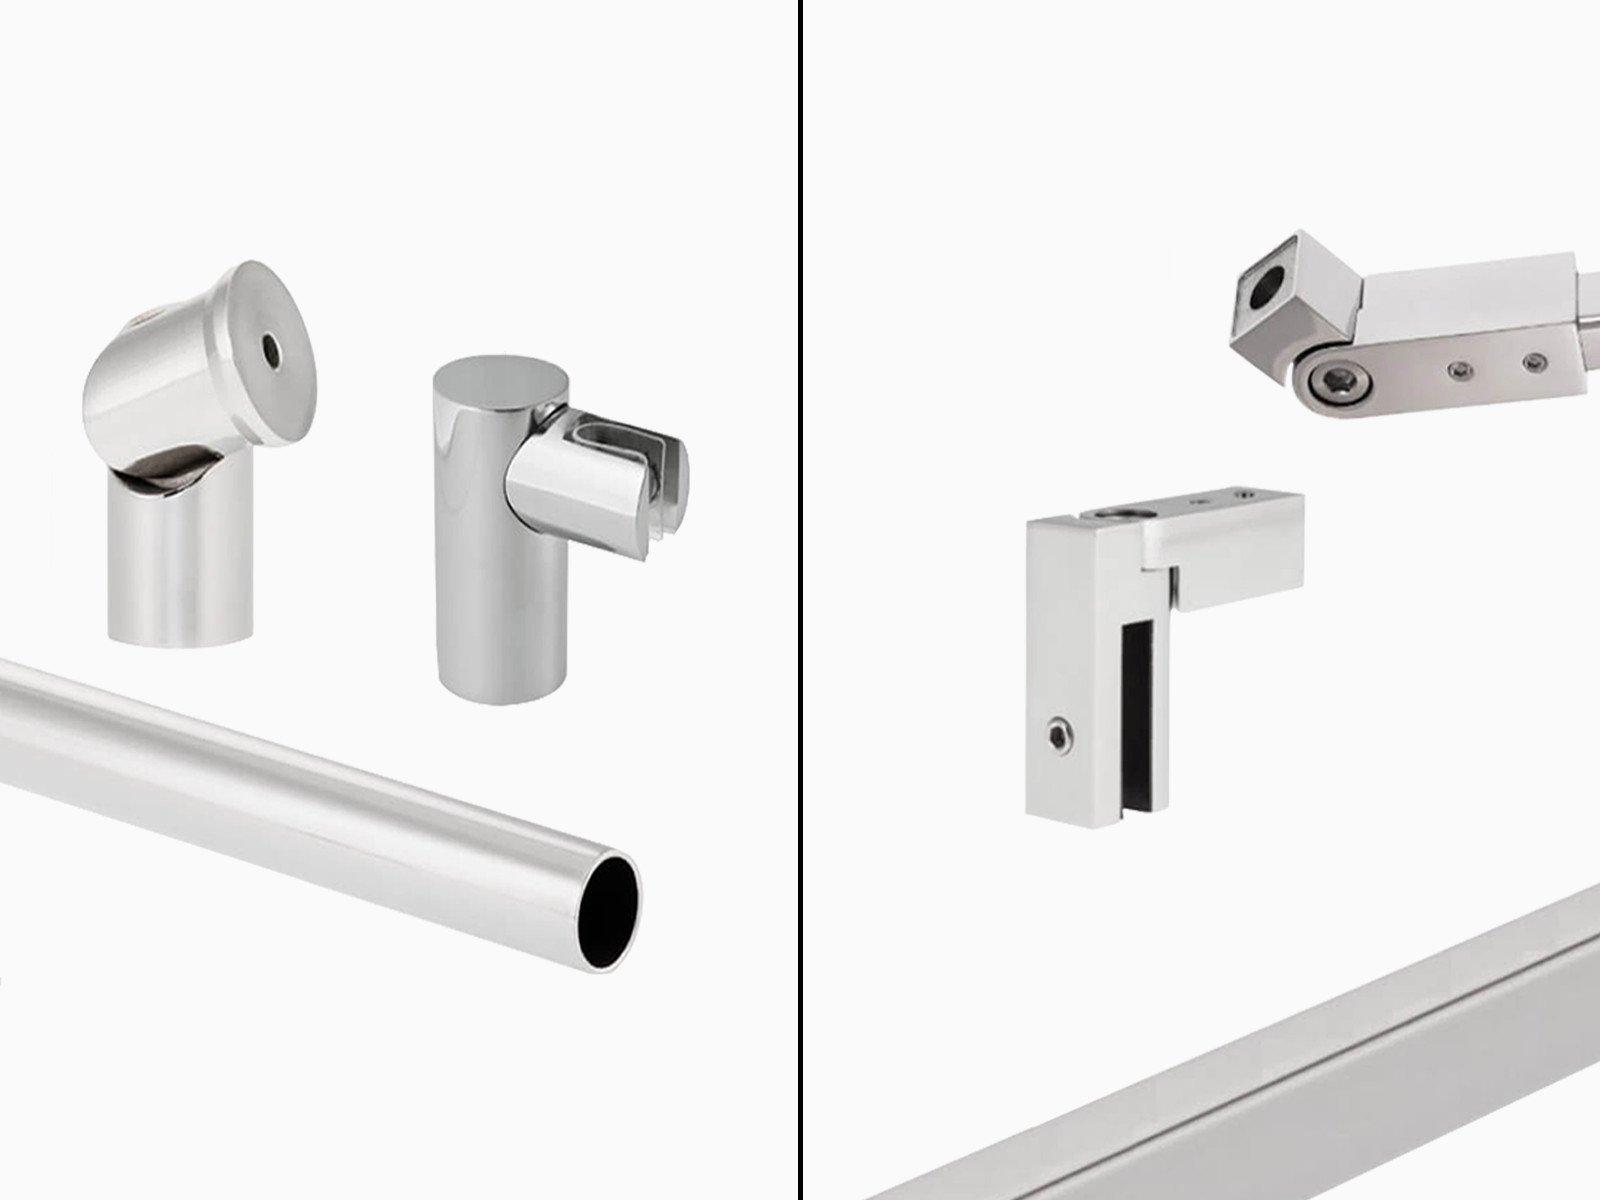 Runde und eckige Stabilisierungskomponenten für Duschen in hochgänzemden massivem Edelstahl